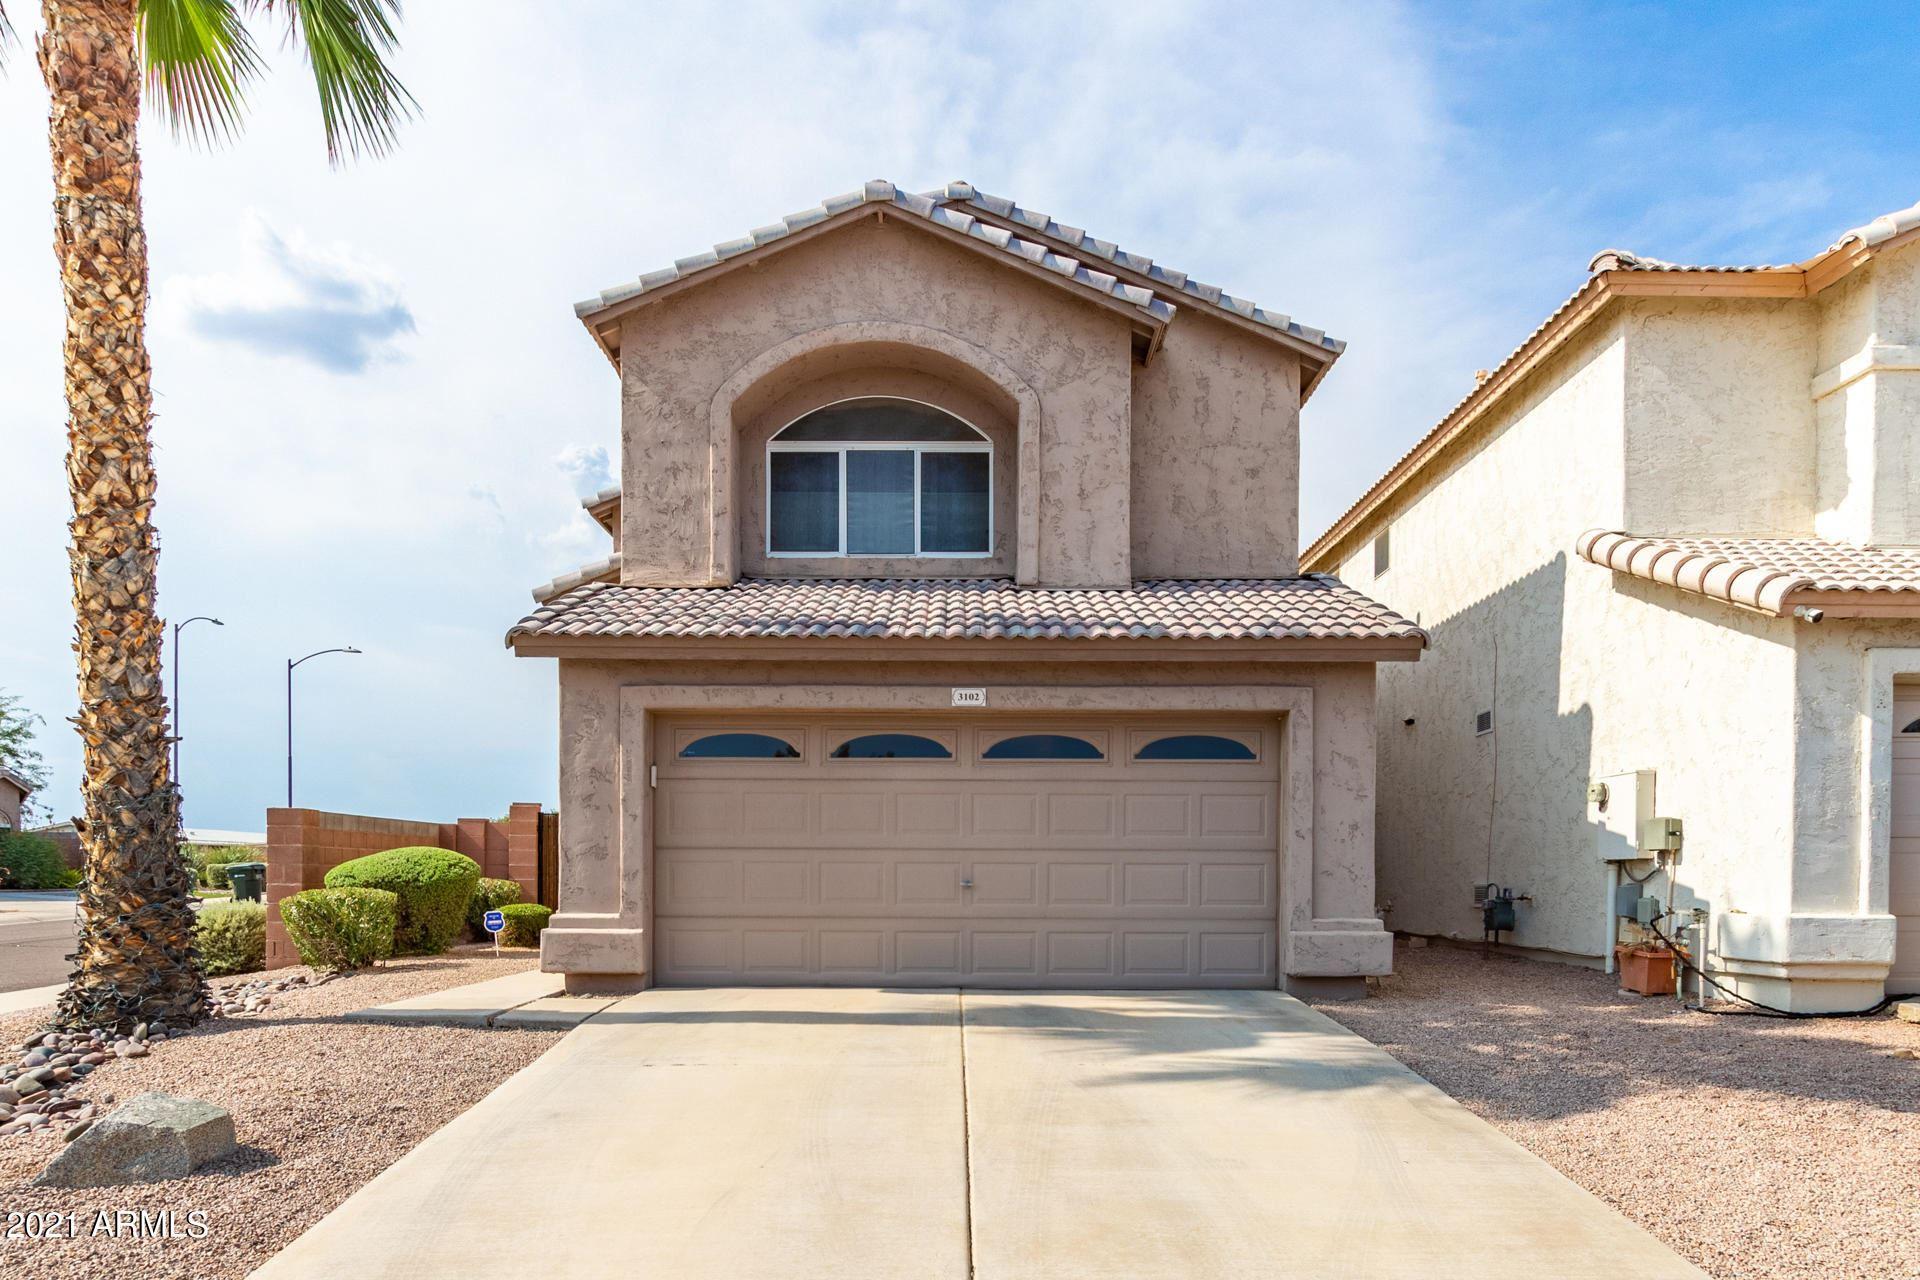 3102 E KRISTAL Way, Phoenix, AZ 85050 - MLS#: 6265797